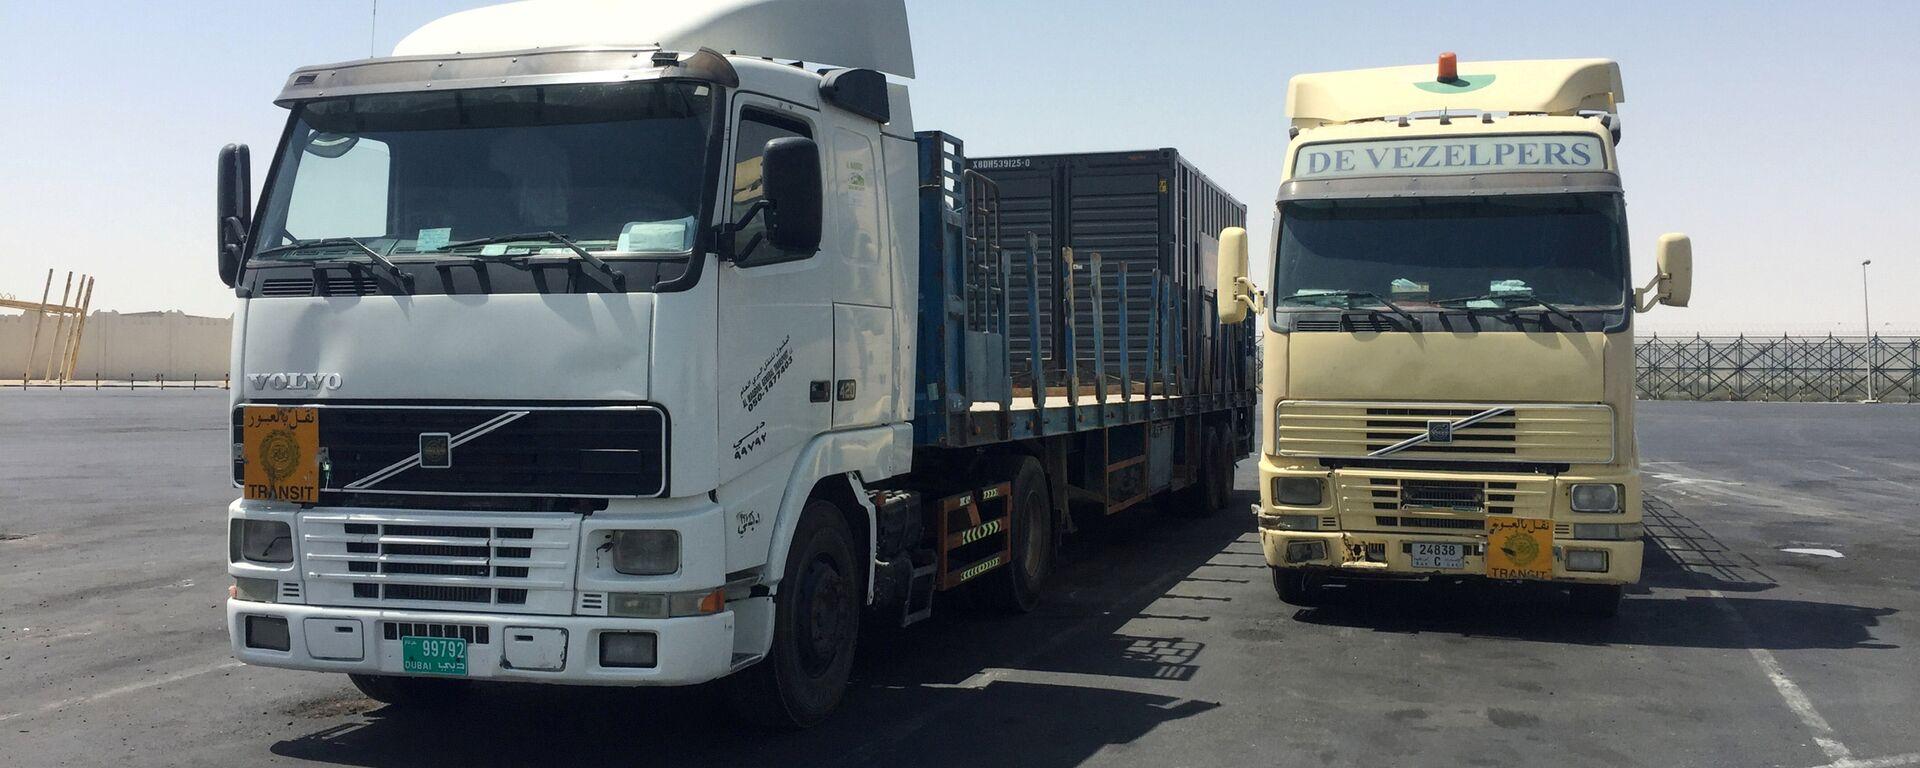 I camion ad Abu Samra, confine tra Arabia Saudita e Qatar - Sputnik Italia, 1920, 09.01.2021